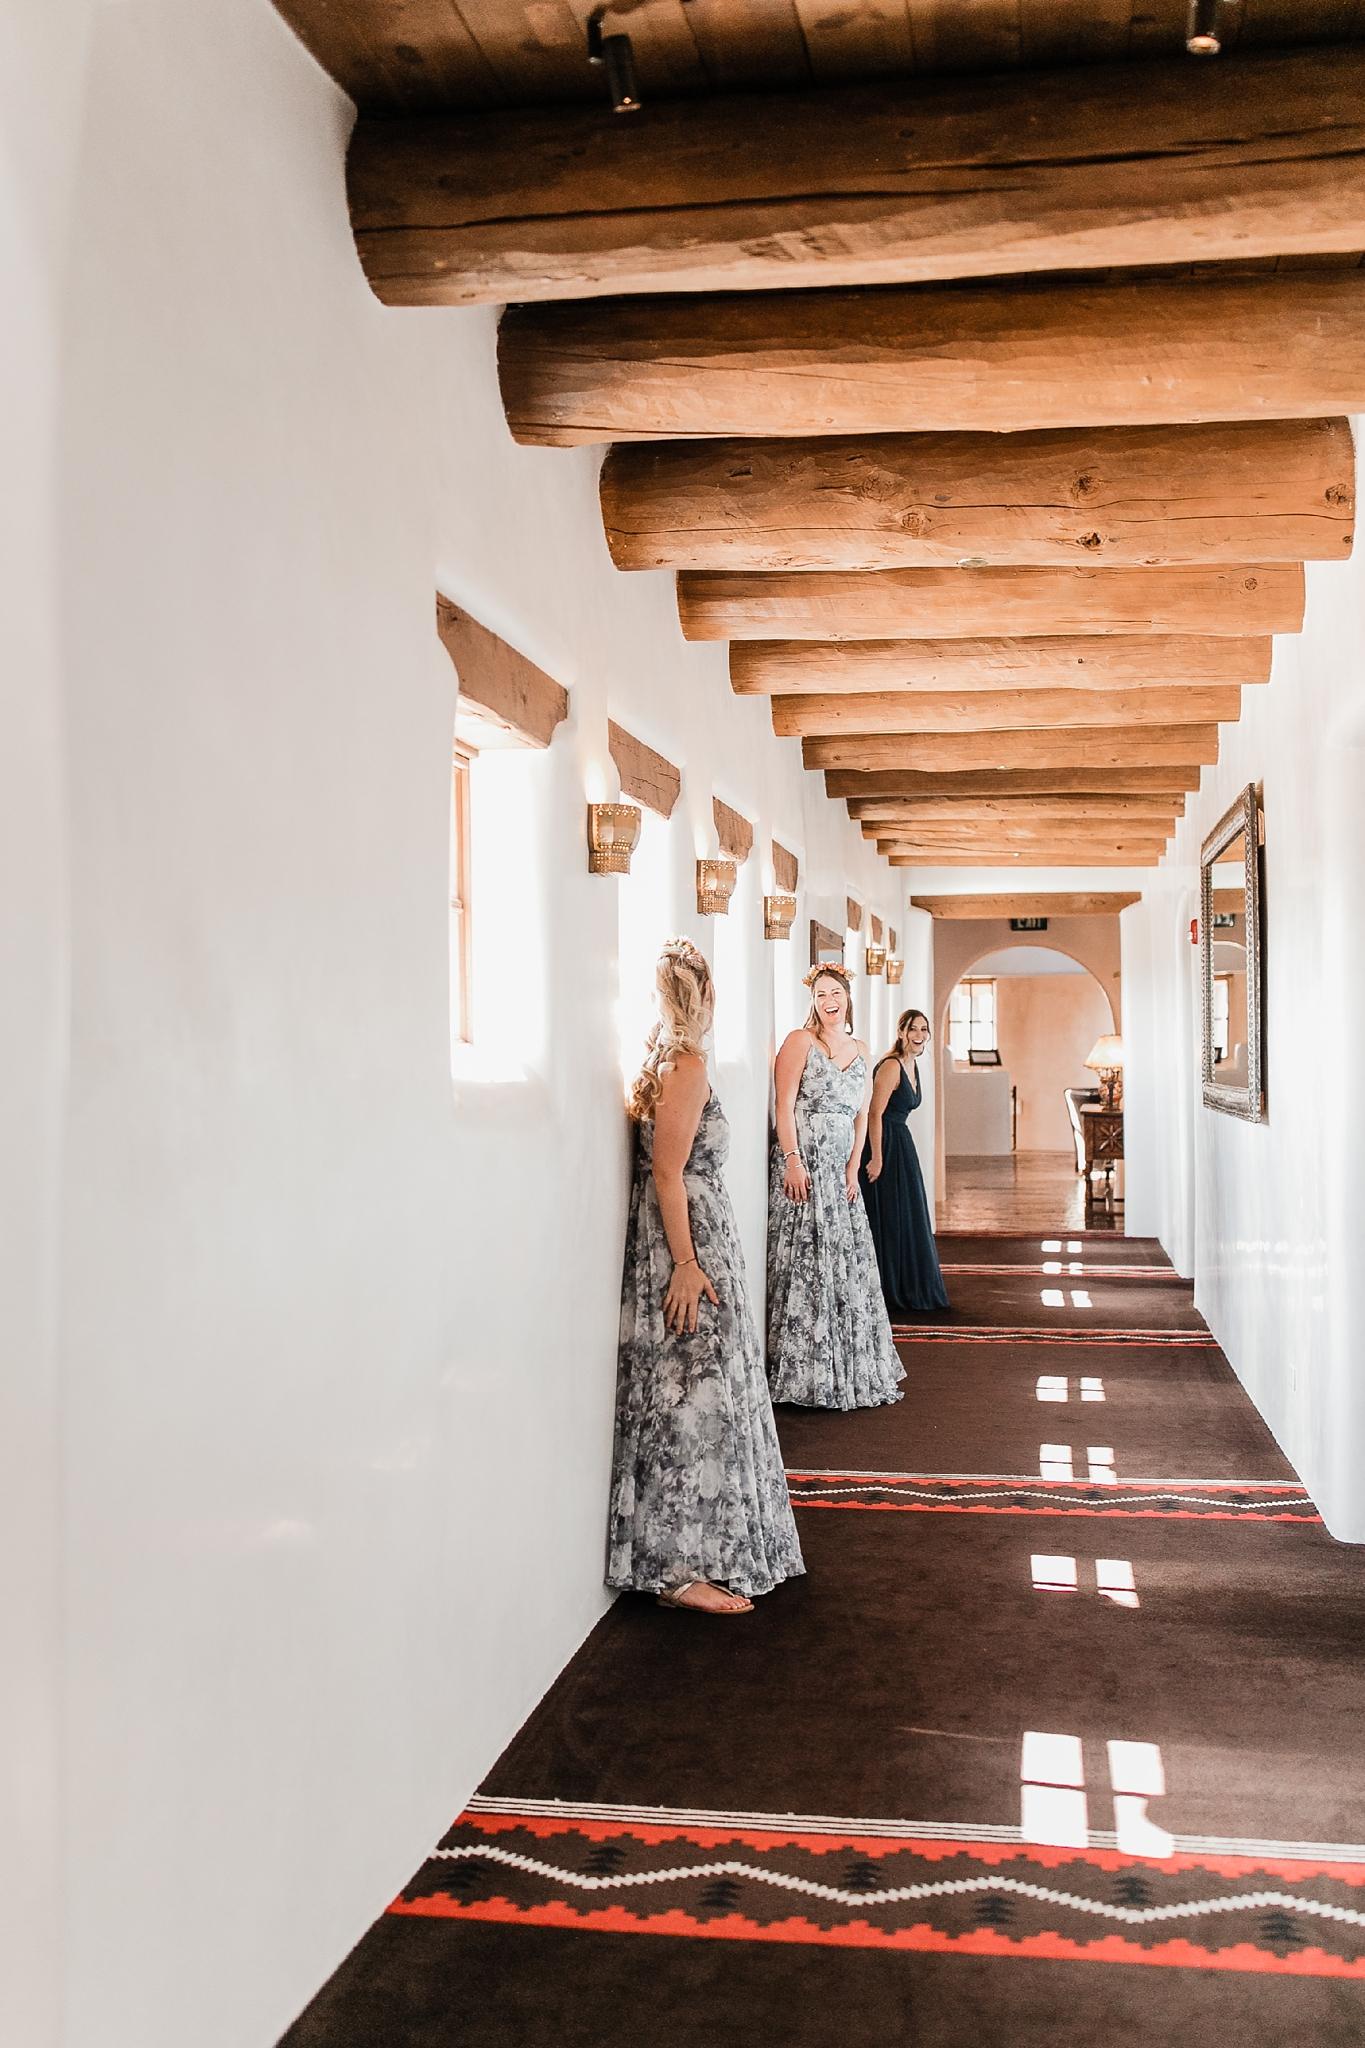 Alicia+lucia+photography+-+albuquerque+wedding+photographer+-+santa+fe+wedding+photography+-+new+mexico+wedding+photographer+-+new+mexico+wedding+-+las+campanas+wedding+-+santa+fe+wedding+-+maximalist+wedding+-+destination+wedding_0039.jpg